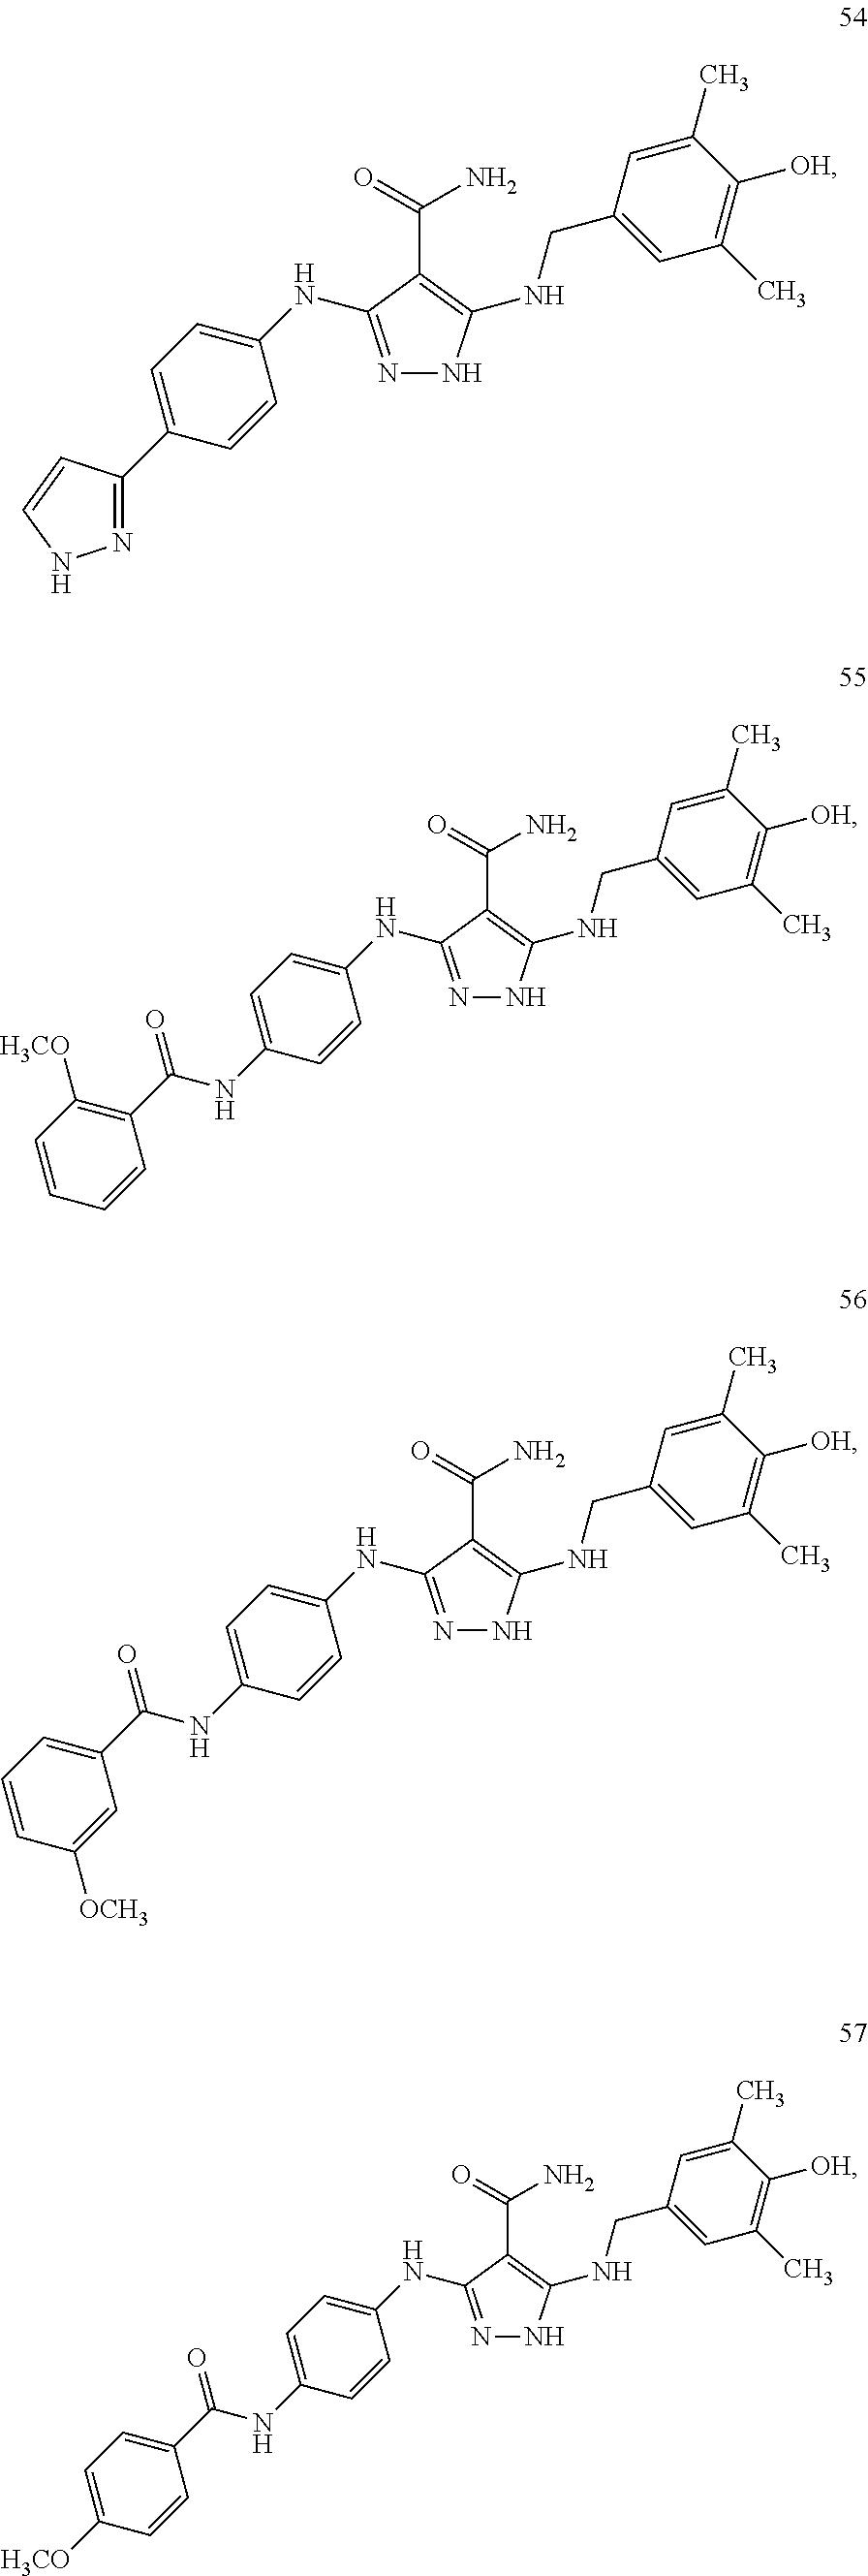 Figure US09730914-20170815-C00028